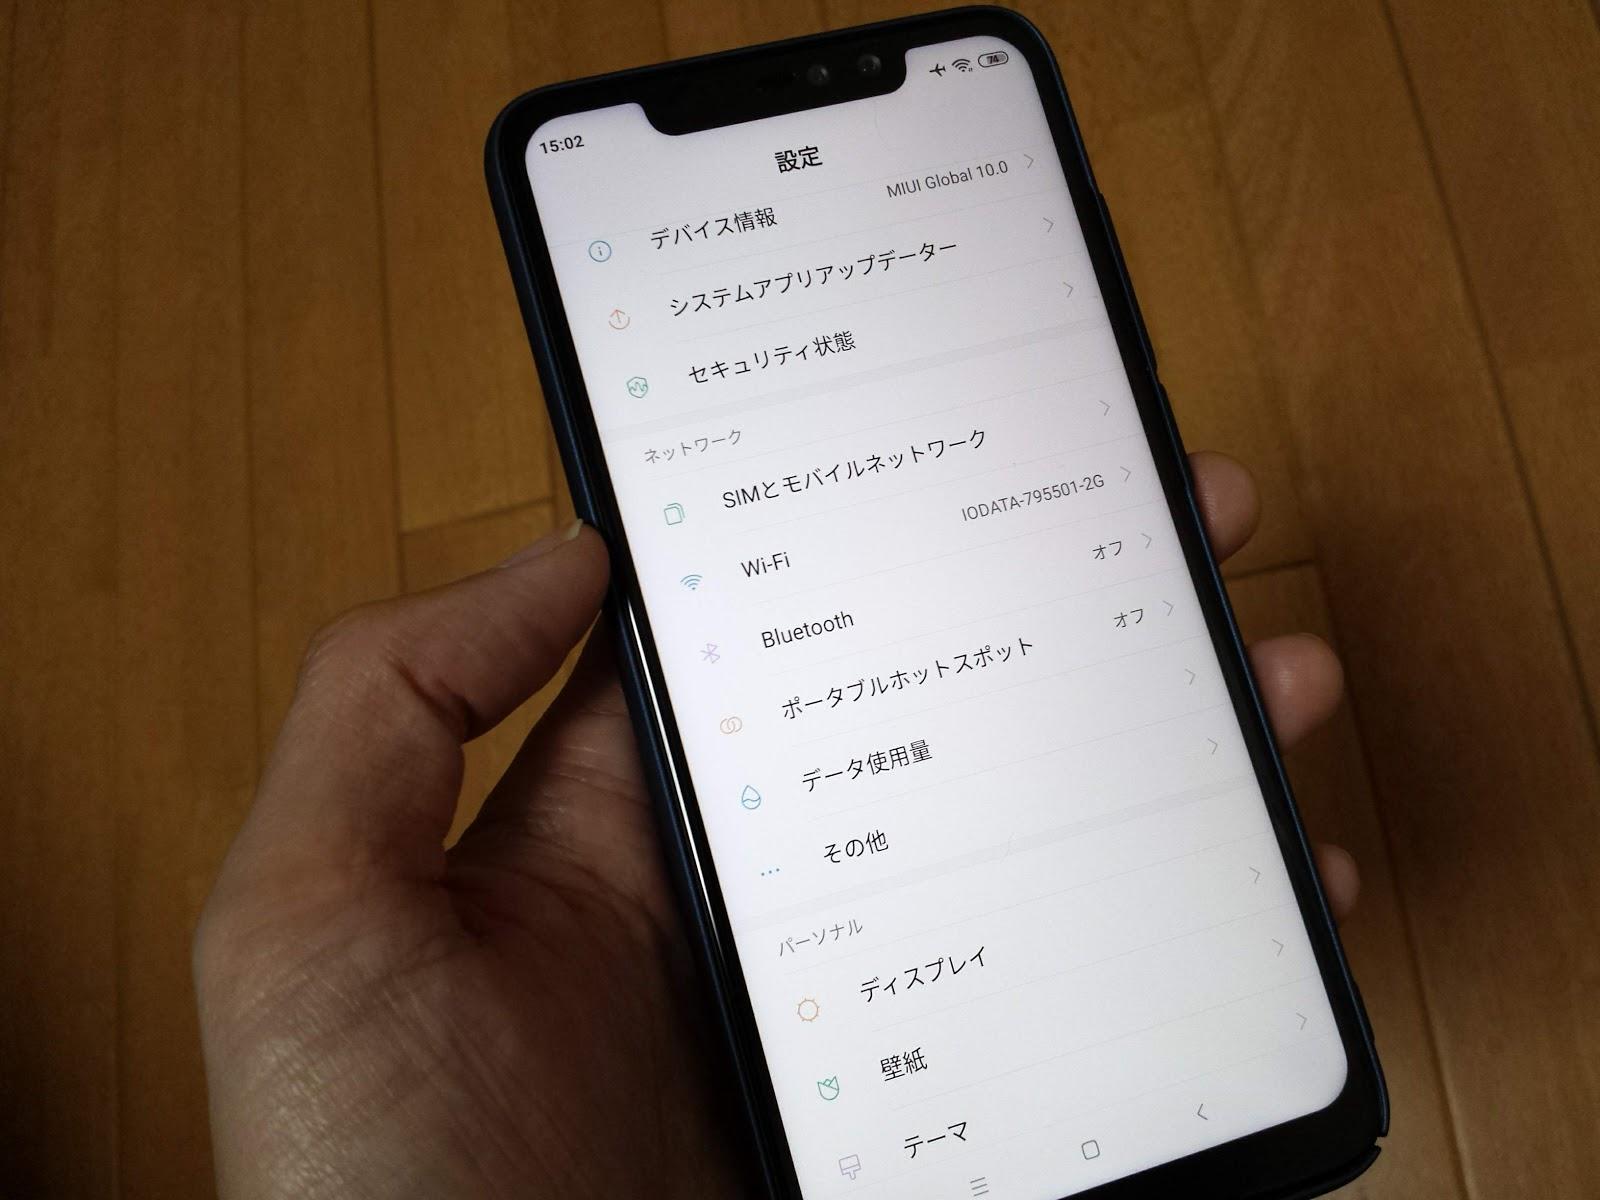 日本語化も簡単 起動時に選択するだけ